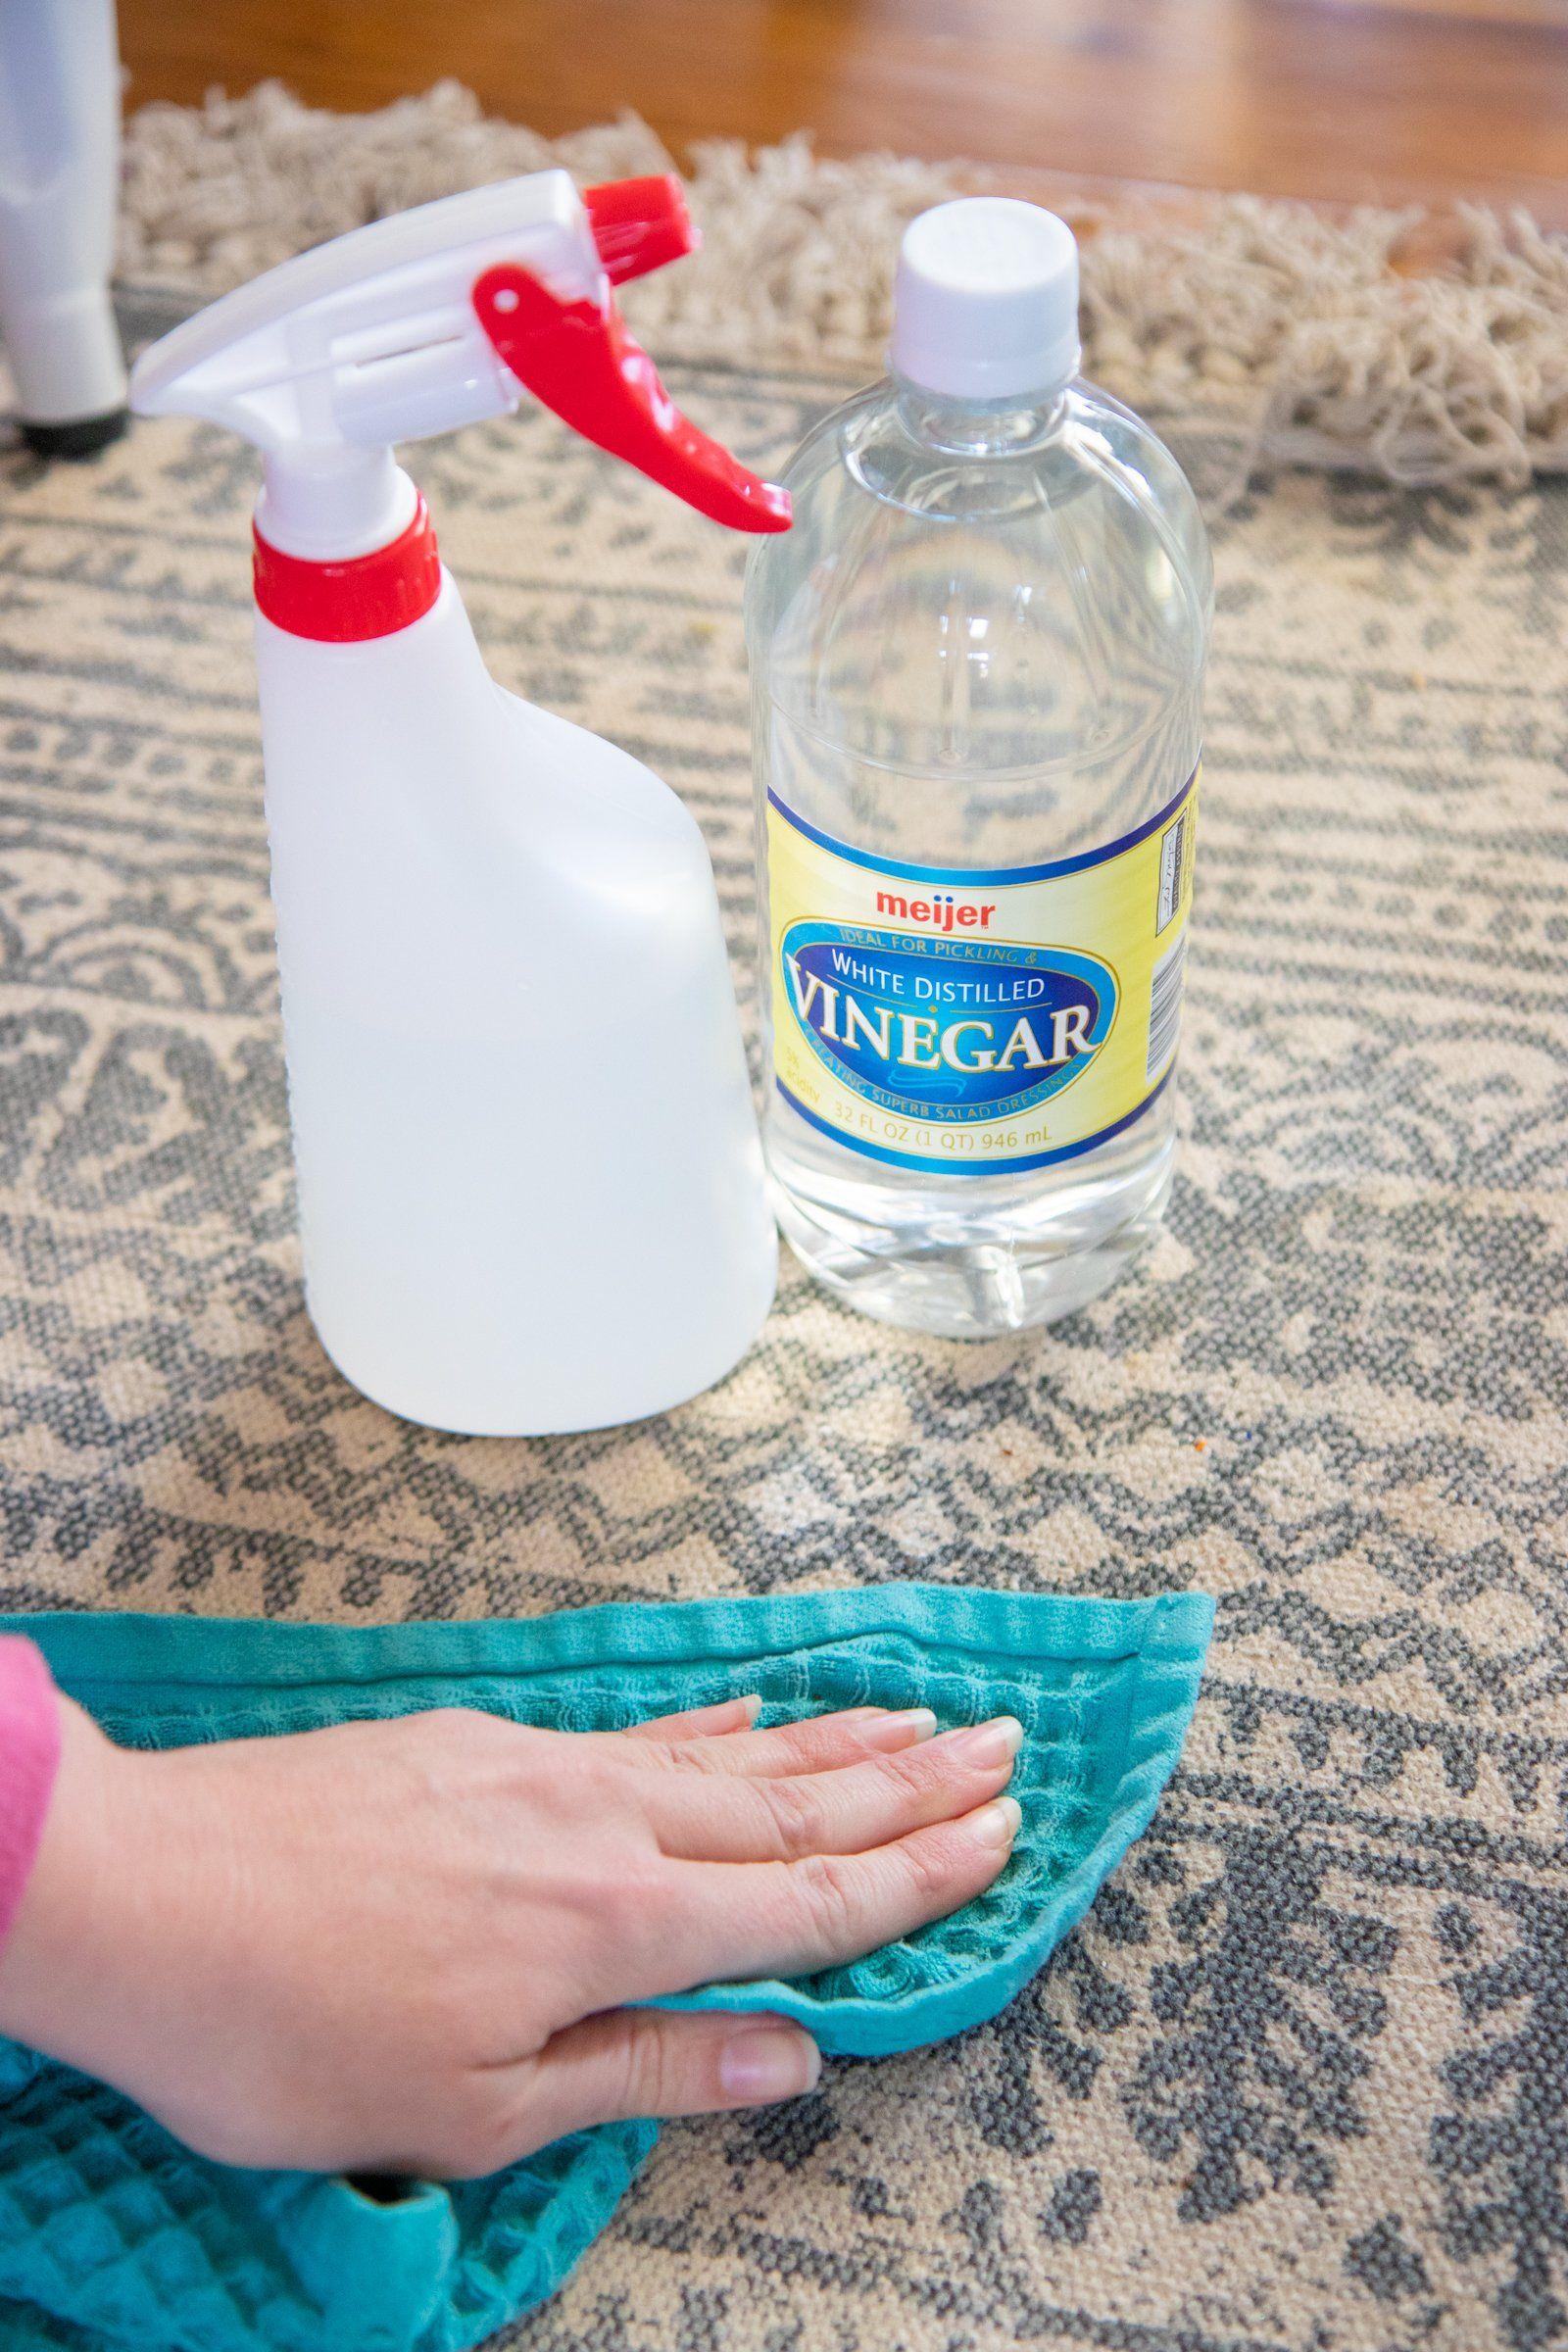 25 Ways To Clean With Vinegar Vinegar Cleaners Vinegar